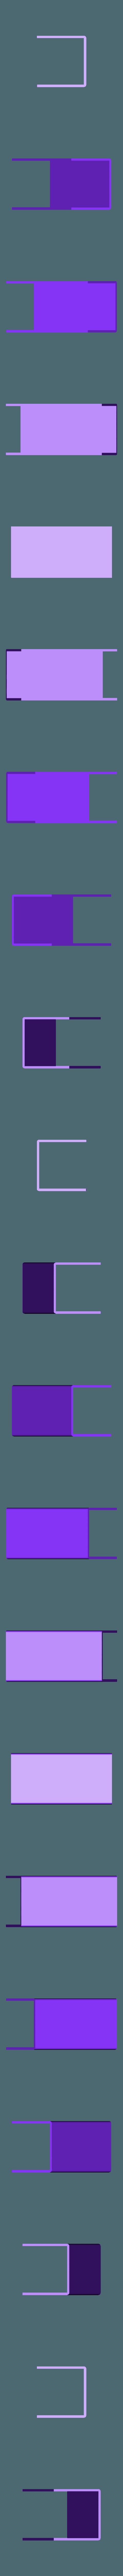 Gu10_LED_Wall_Lamp___cover.stl Télécharger fichier STL gratuit Gu10 LED Applique • Modèle à imprimer en 3D, vmi